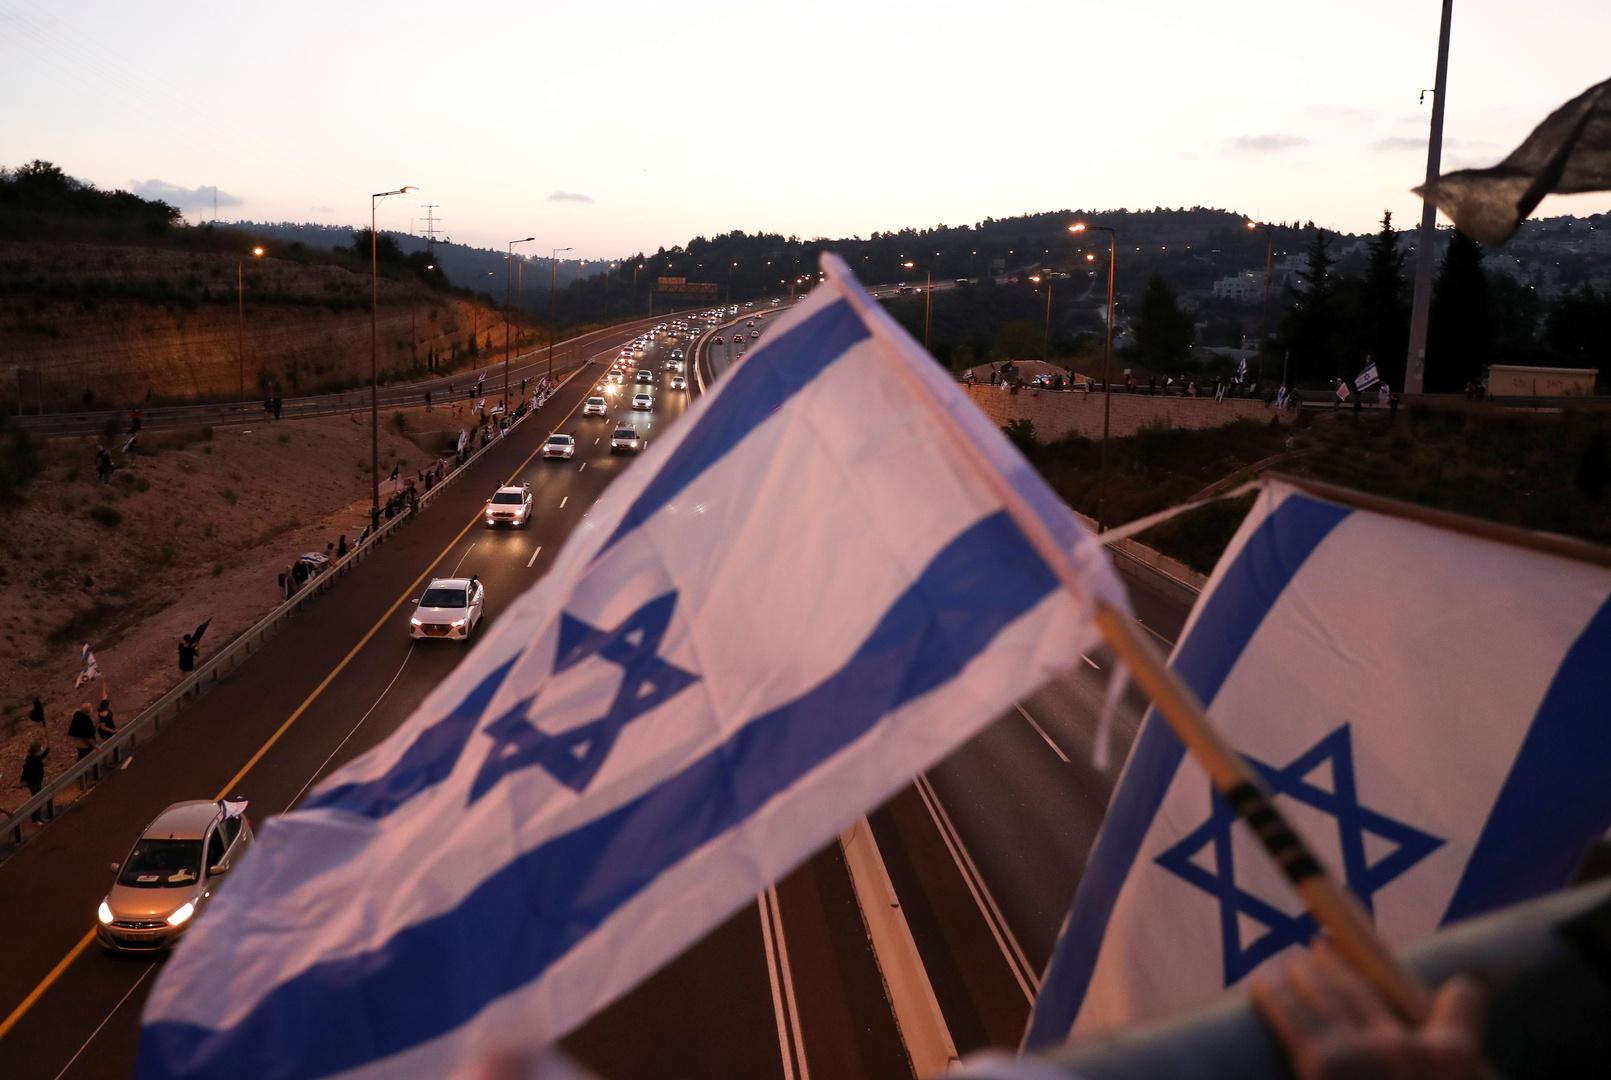 استطلاع: أكثر من نصف الإسرائيليين يعتبرون أن الديمقراطية في خطر